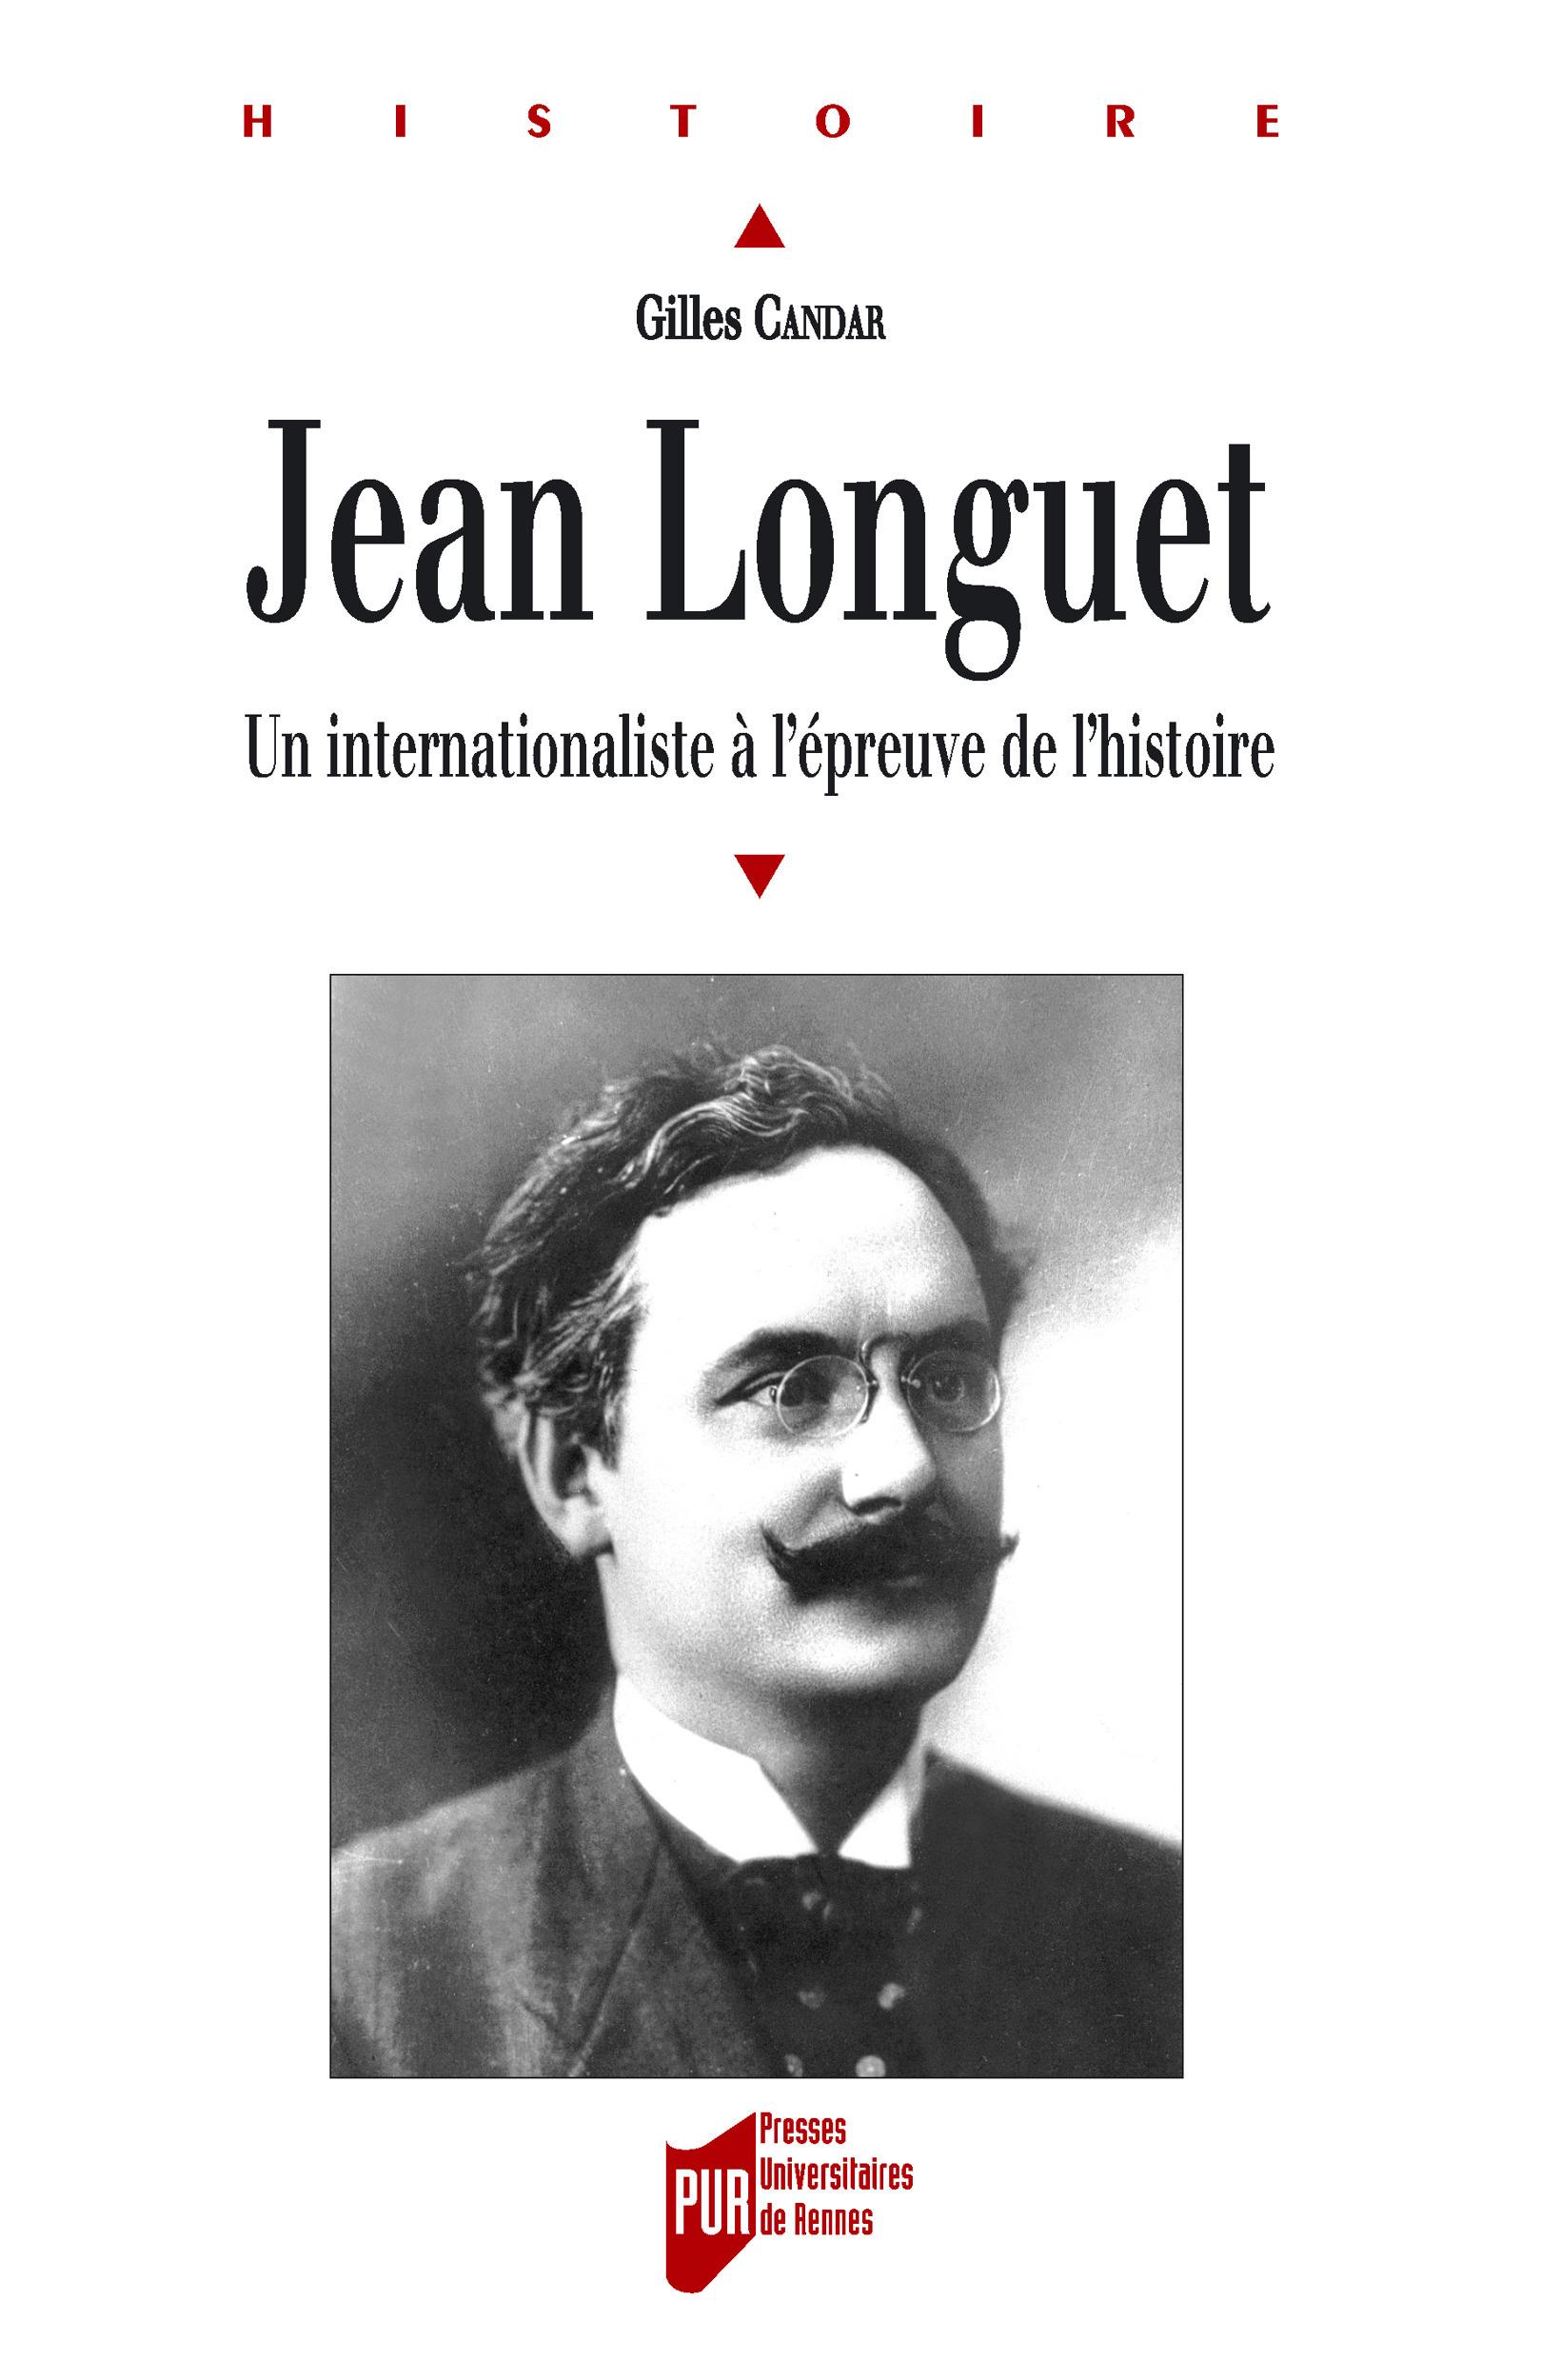 Jean Longuet (1876-1938) ; un internationaliste à l'épreuve de l'histoire